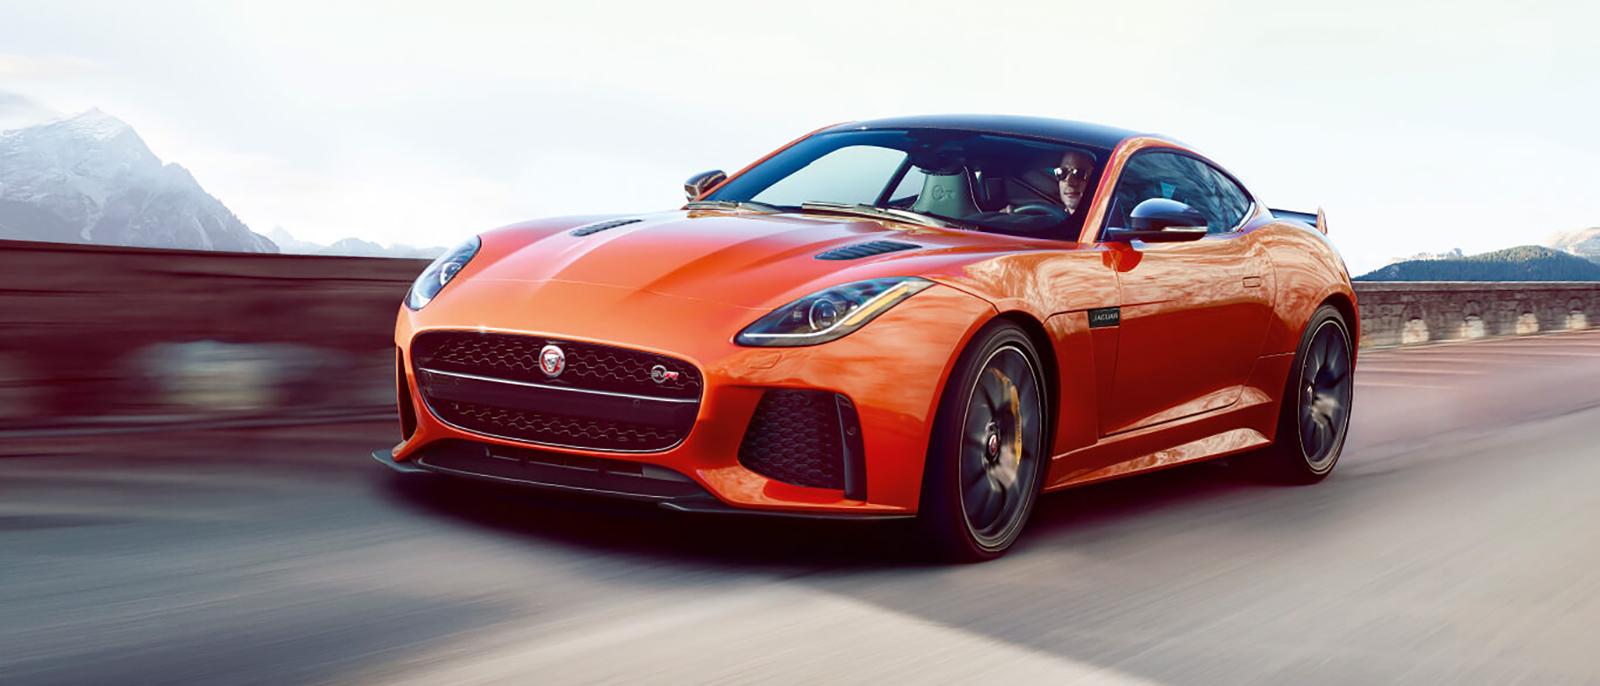 2017 Jaguar F-Type orange